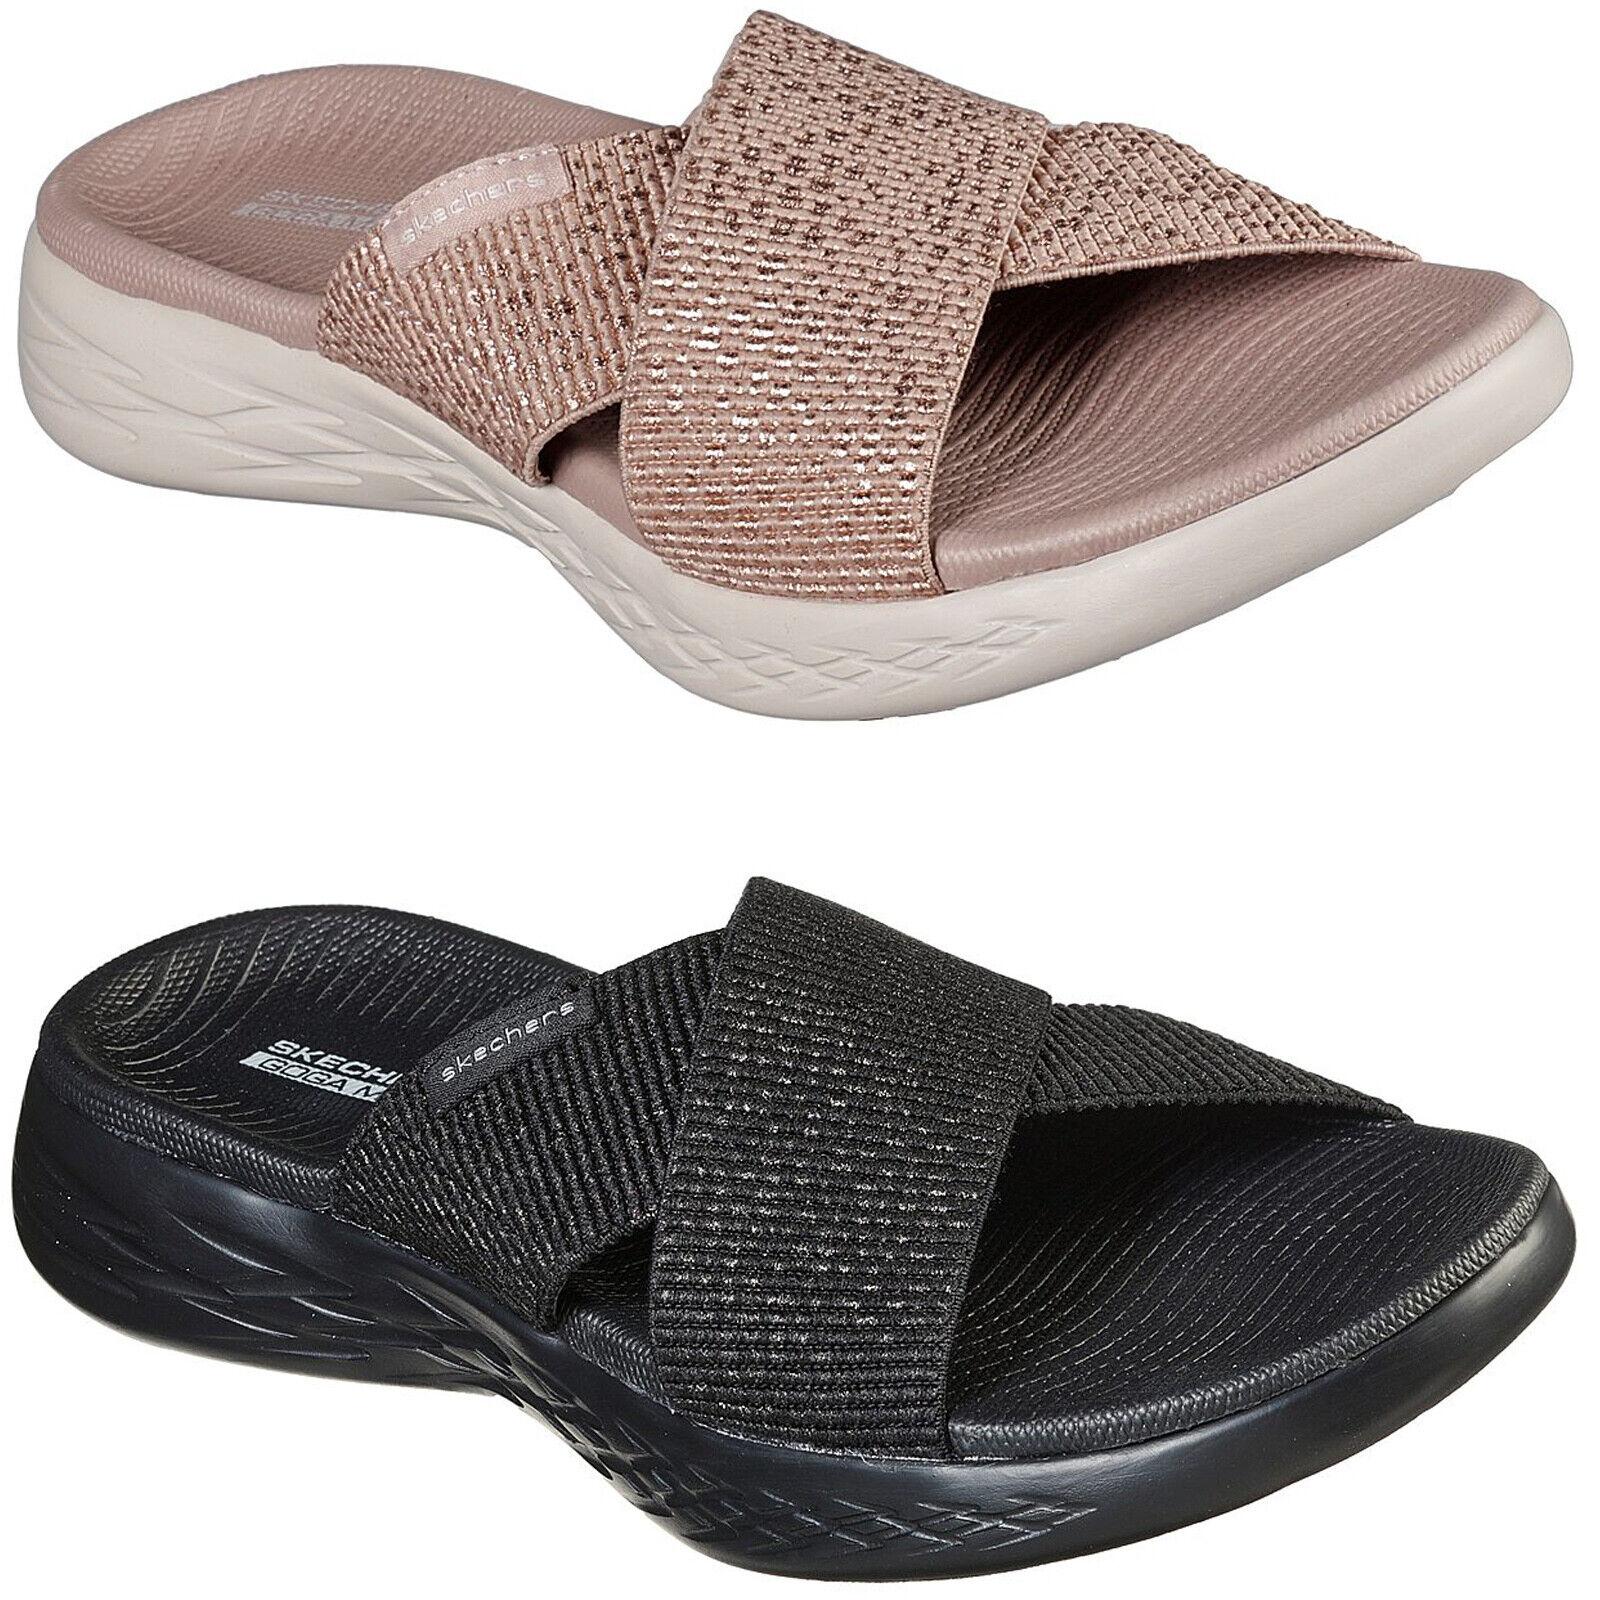 Skechers On The Go 600 Glistening Sandals Womens Summer Goga Slides Flip Flops Ebay